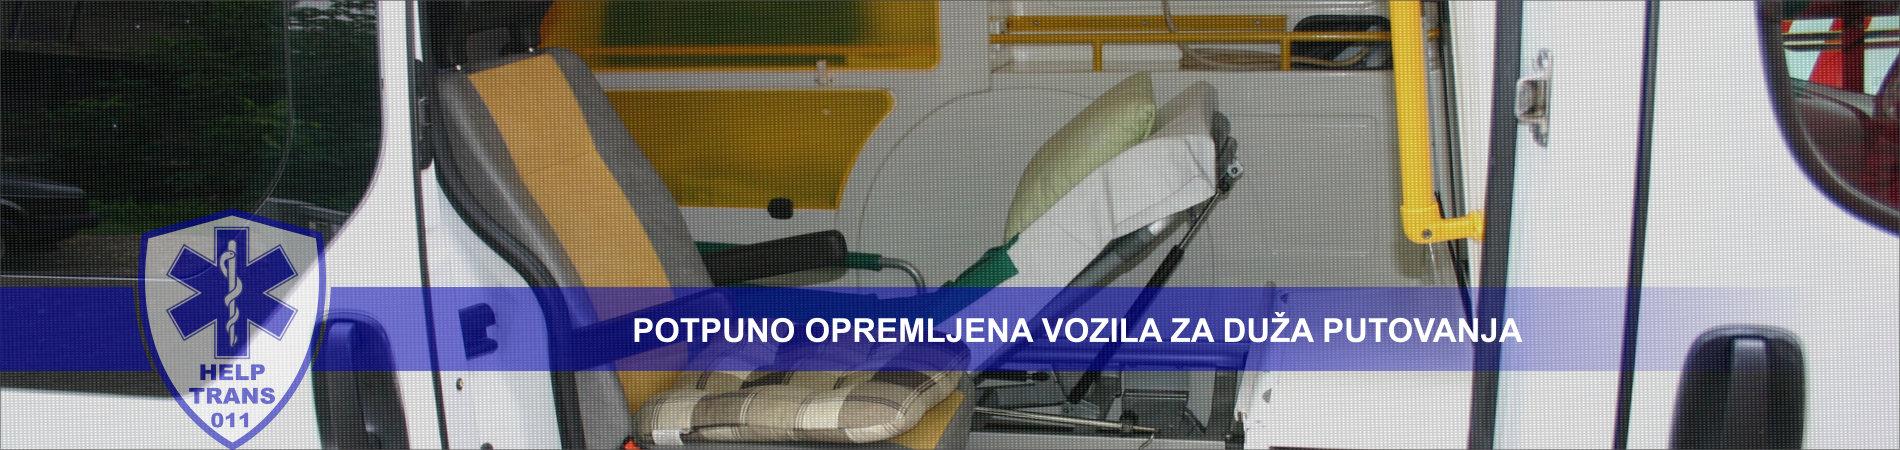 Potpuno opremljena vozila za duža putovanja